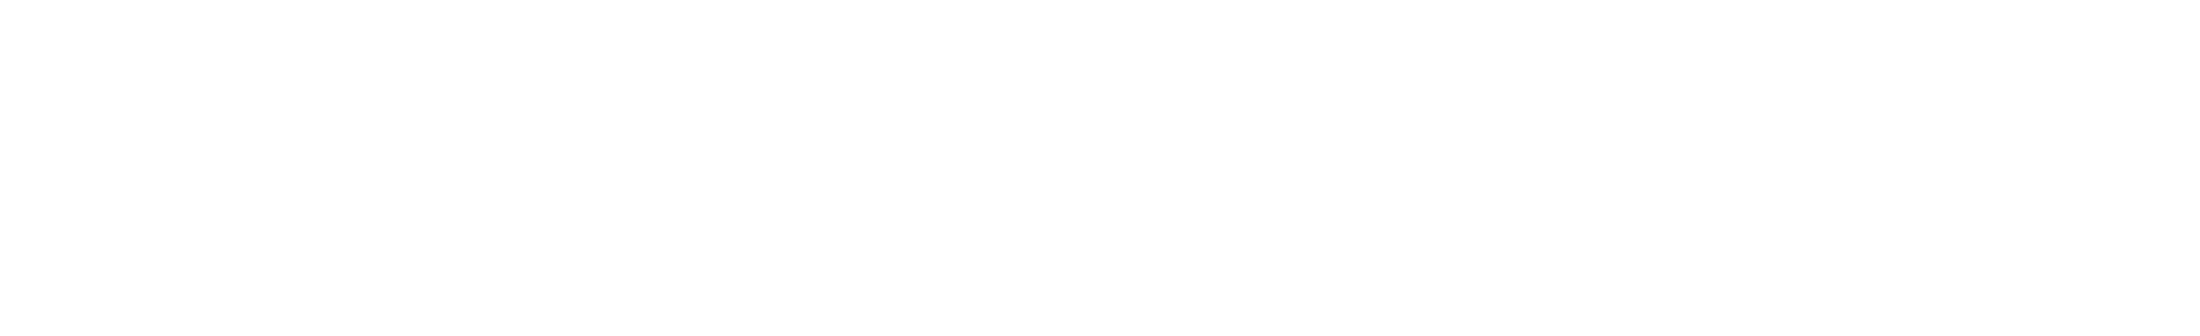 CR-V brand name